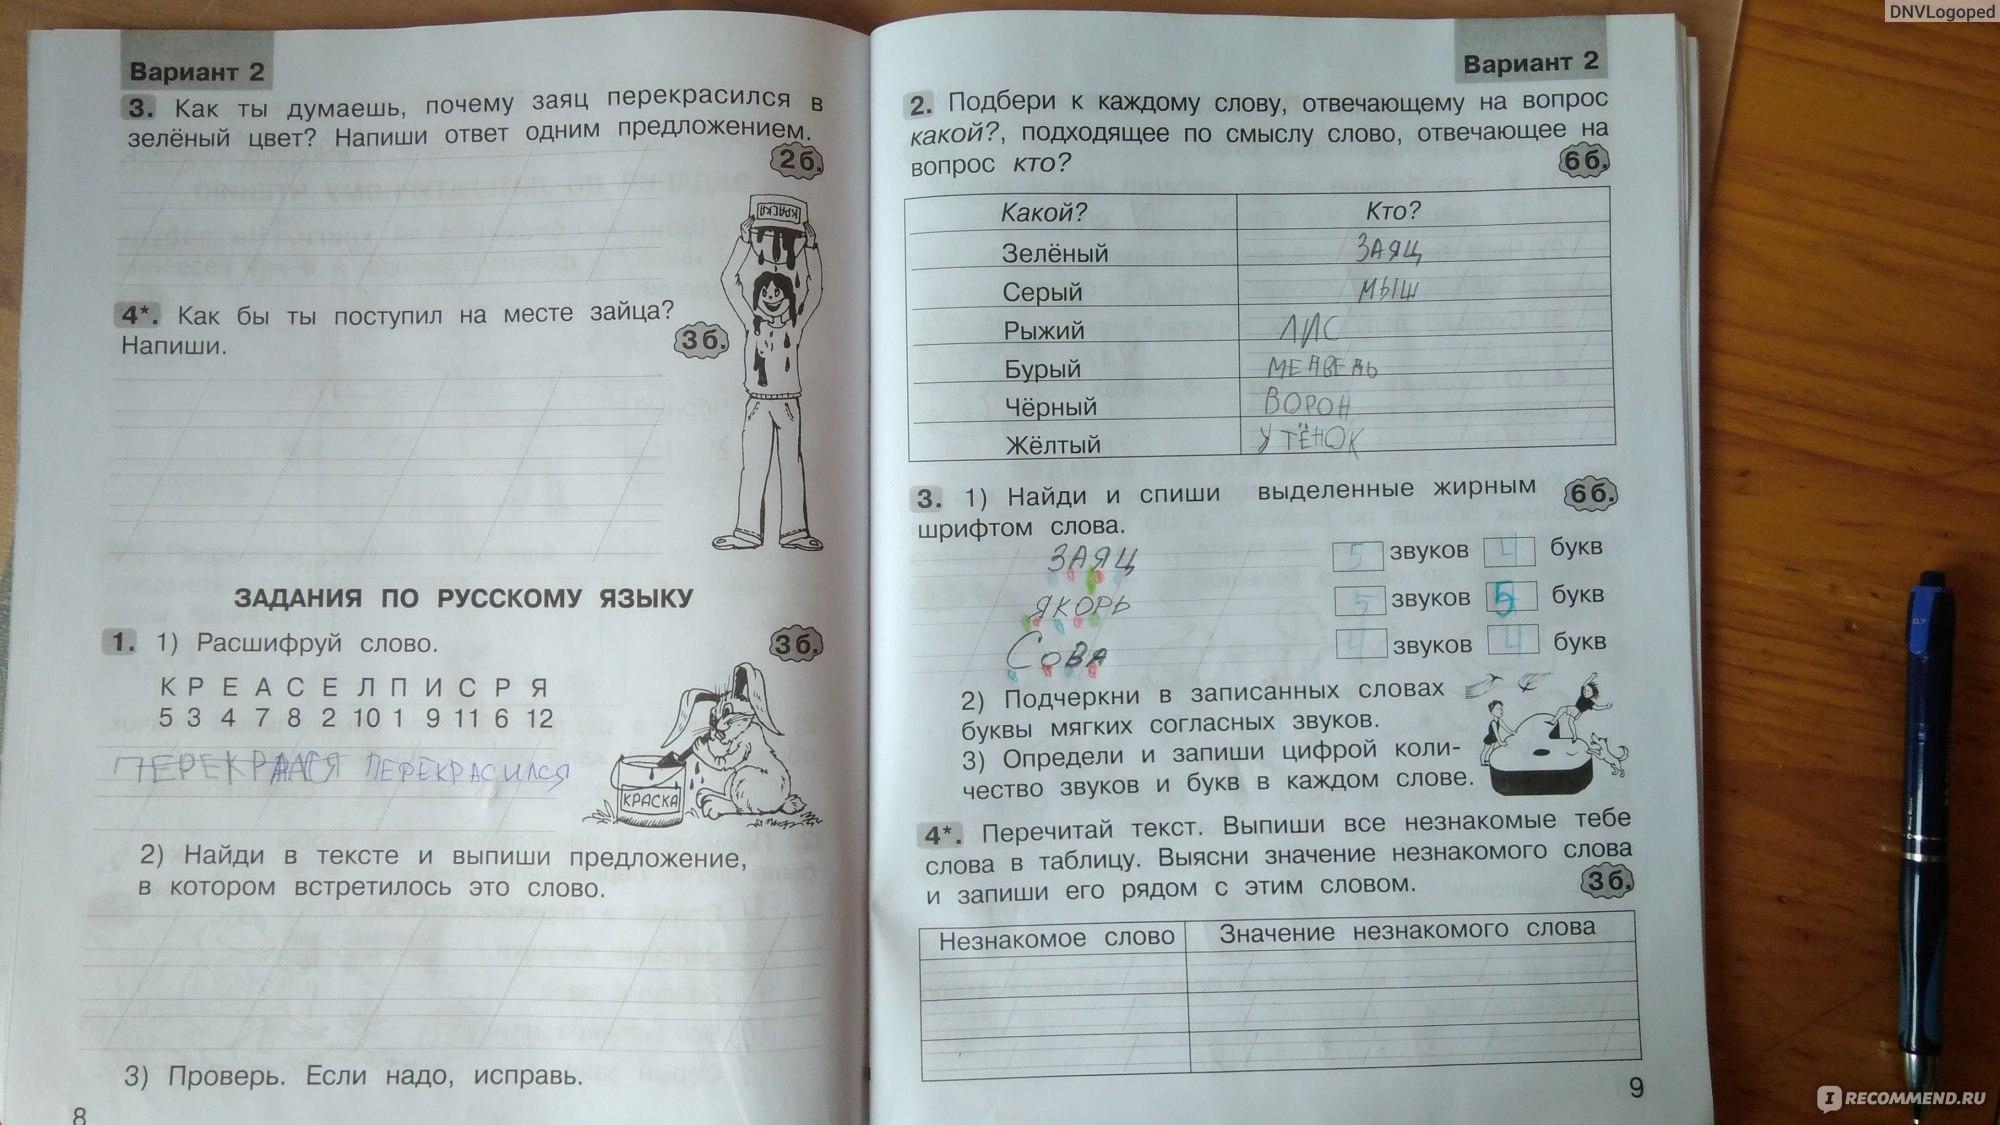 Гдз по комплексным заданиям к текстам 4 класс ответы